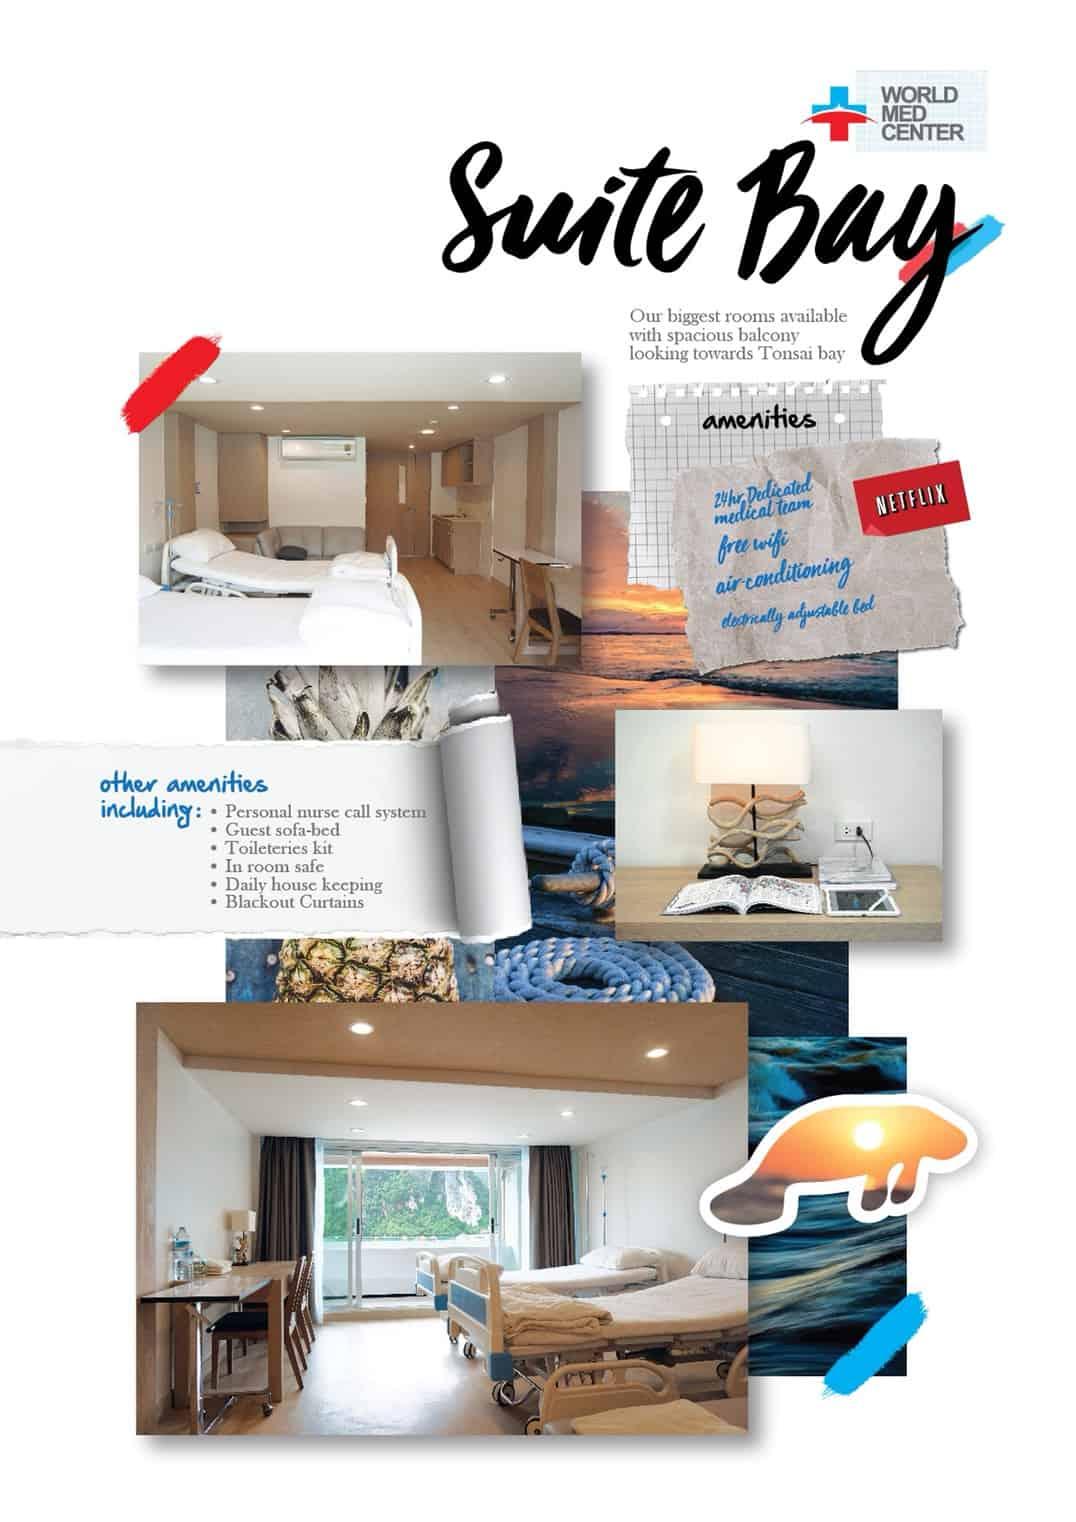 Suite bay